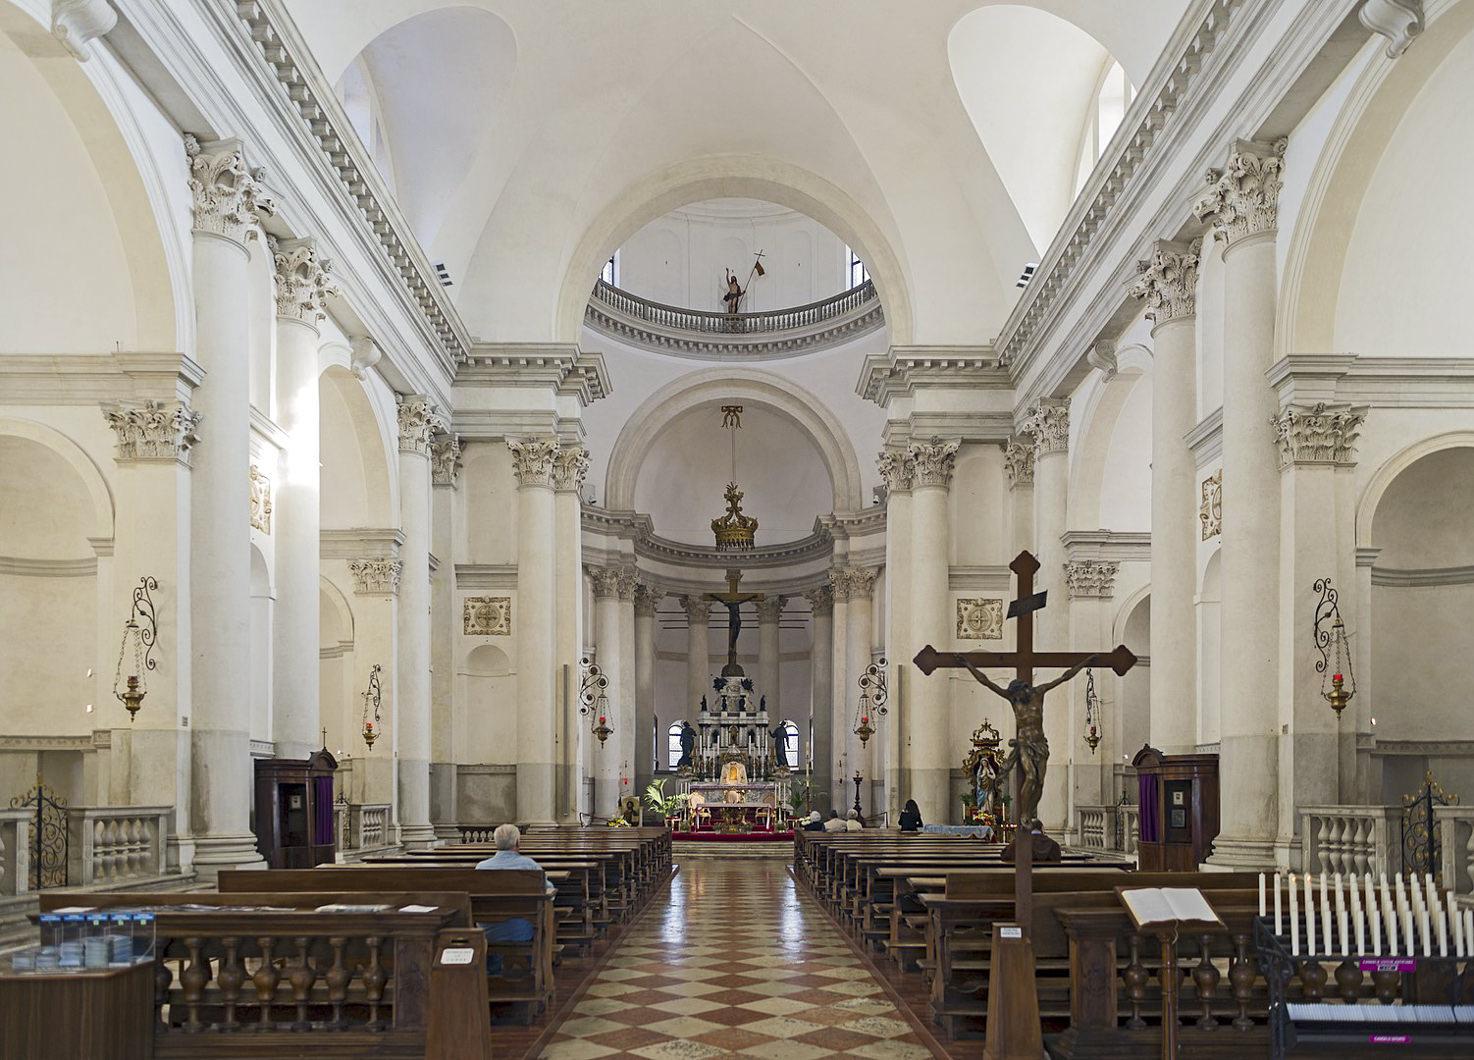 Interior of Basilica del Redentore